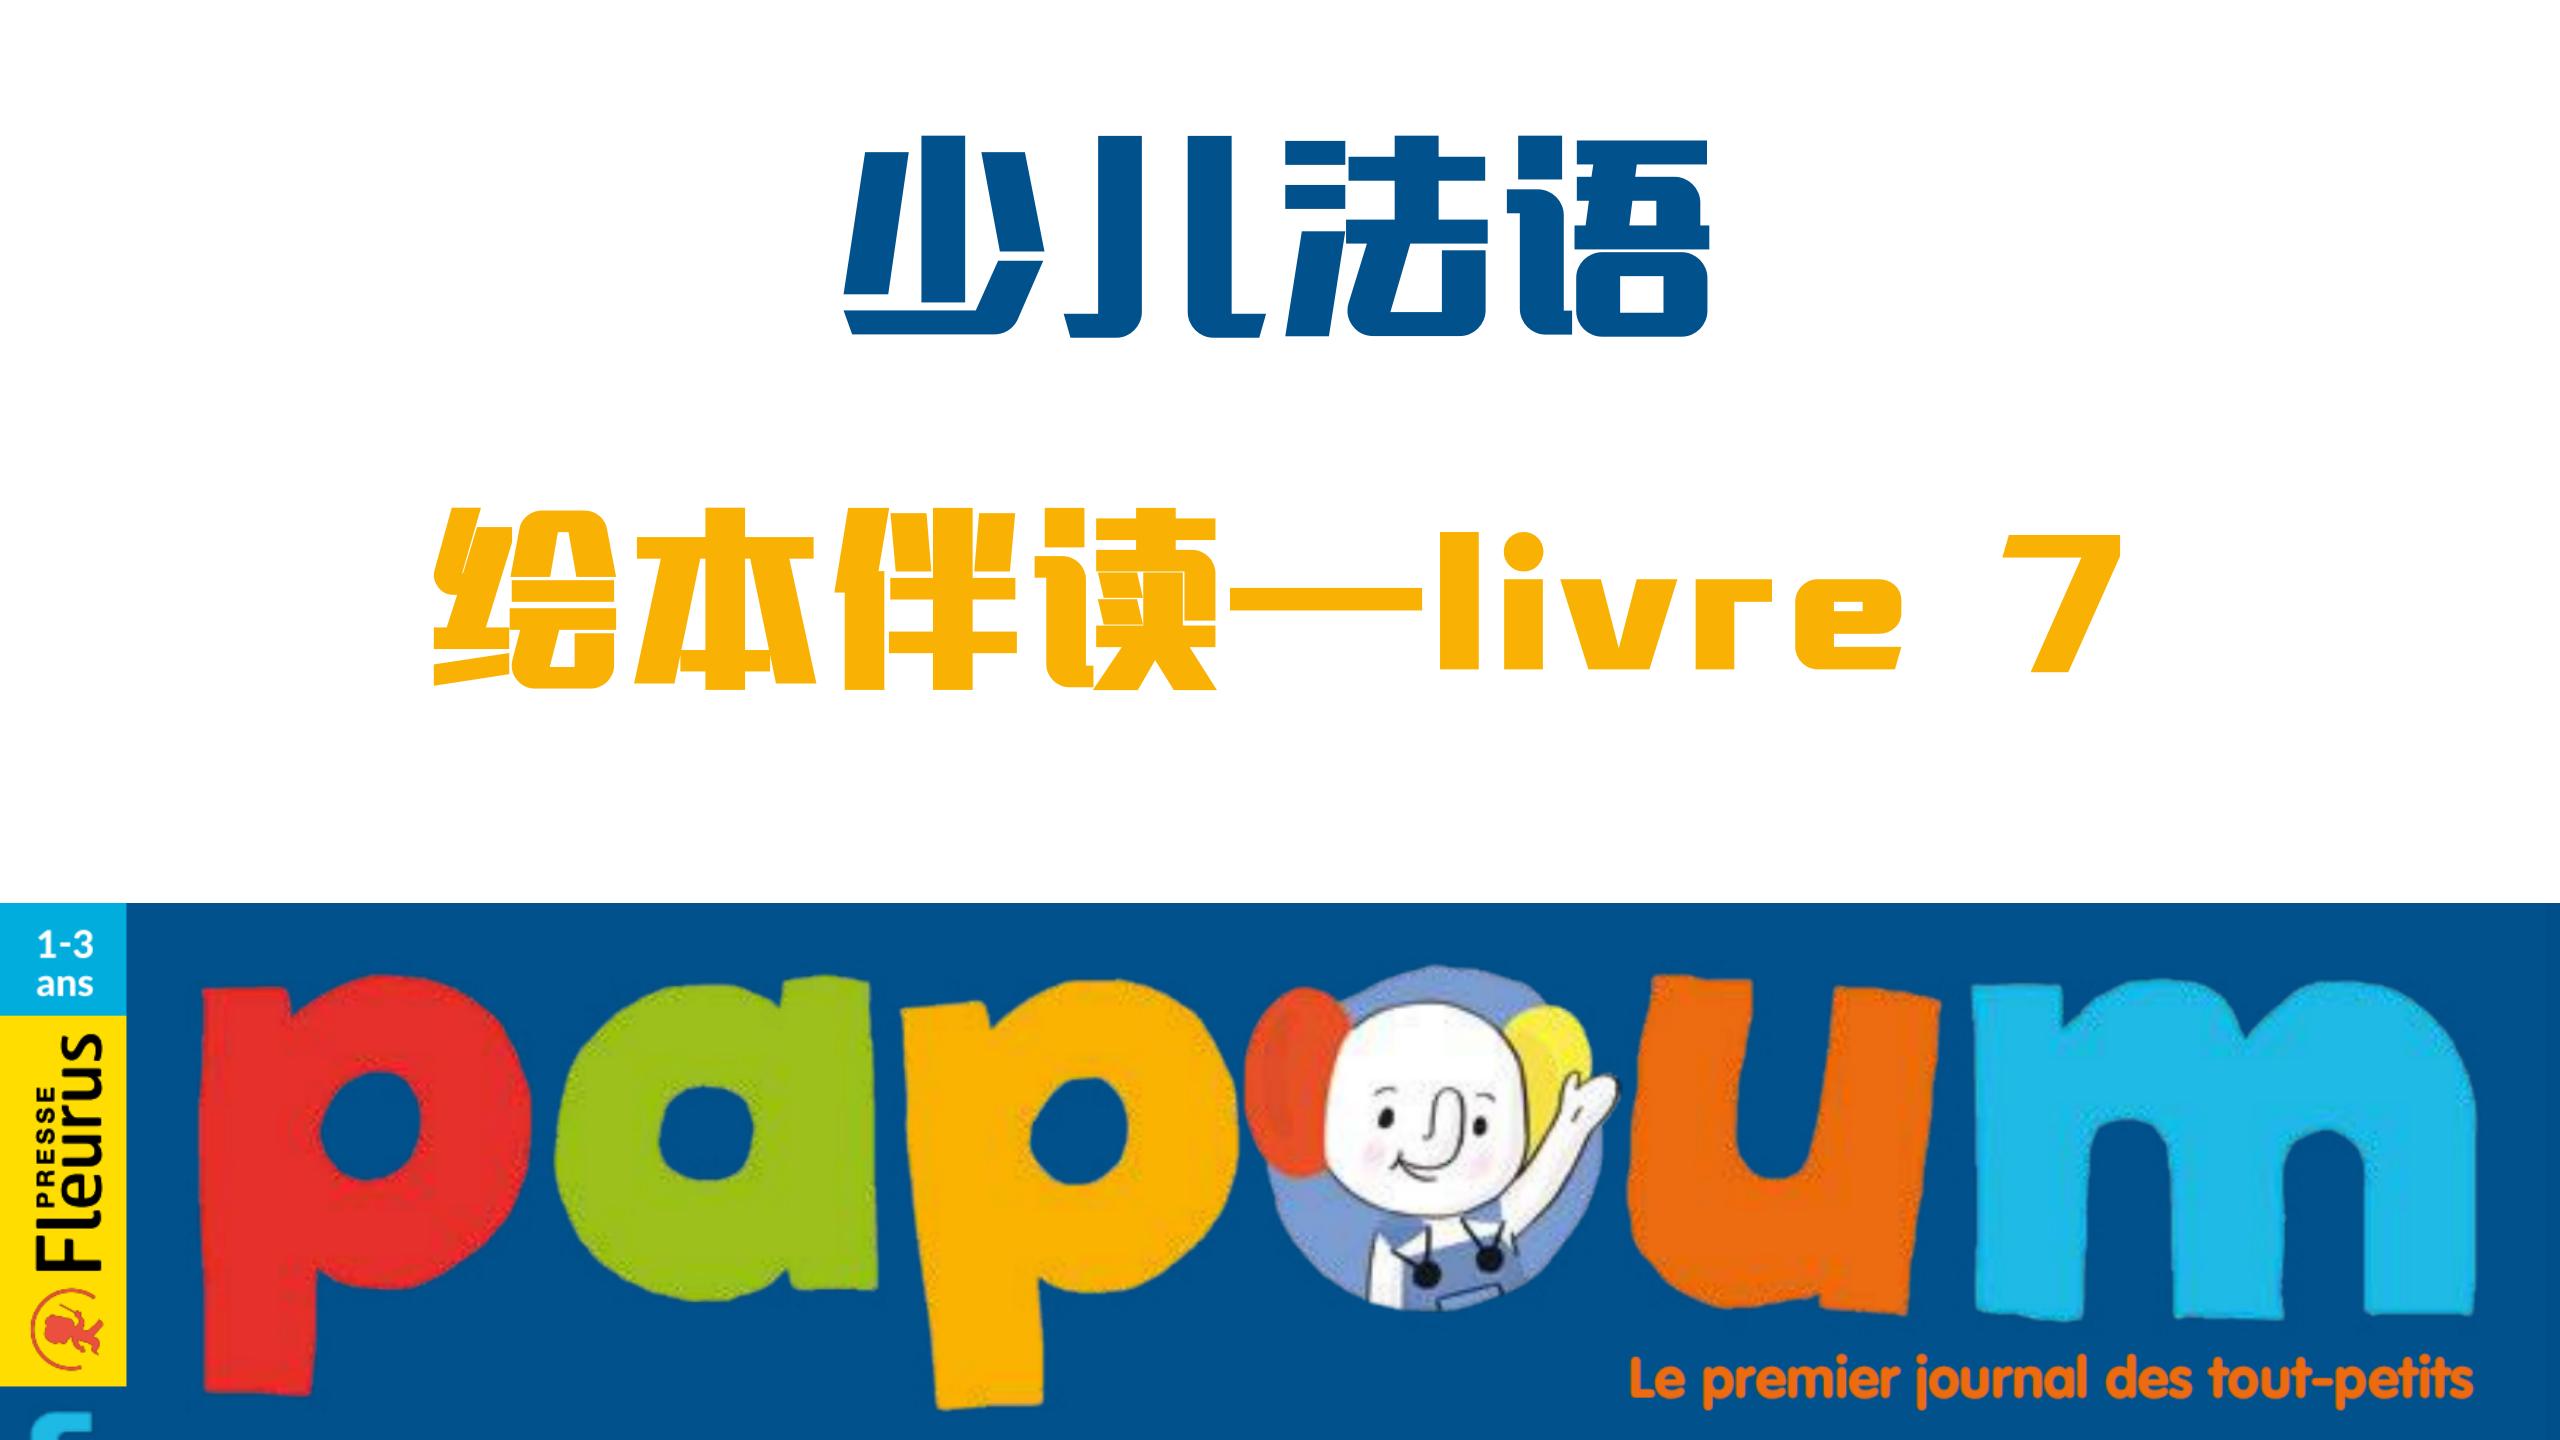 少儿法语-绘本伴读时光 法国原版绘本Papoum livre 7